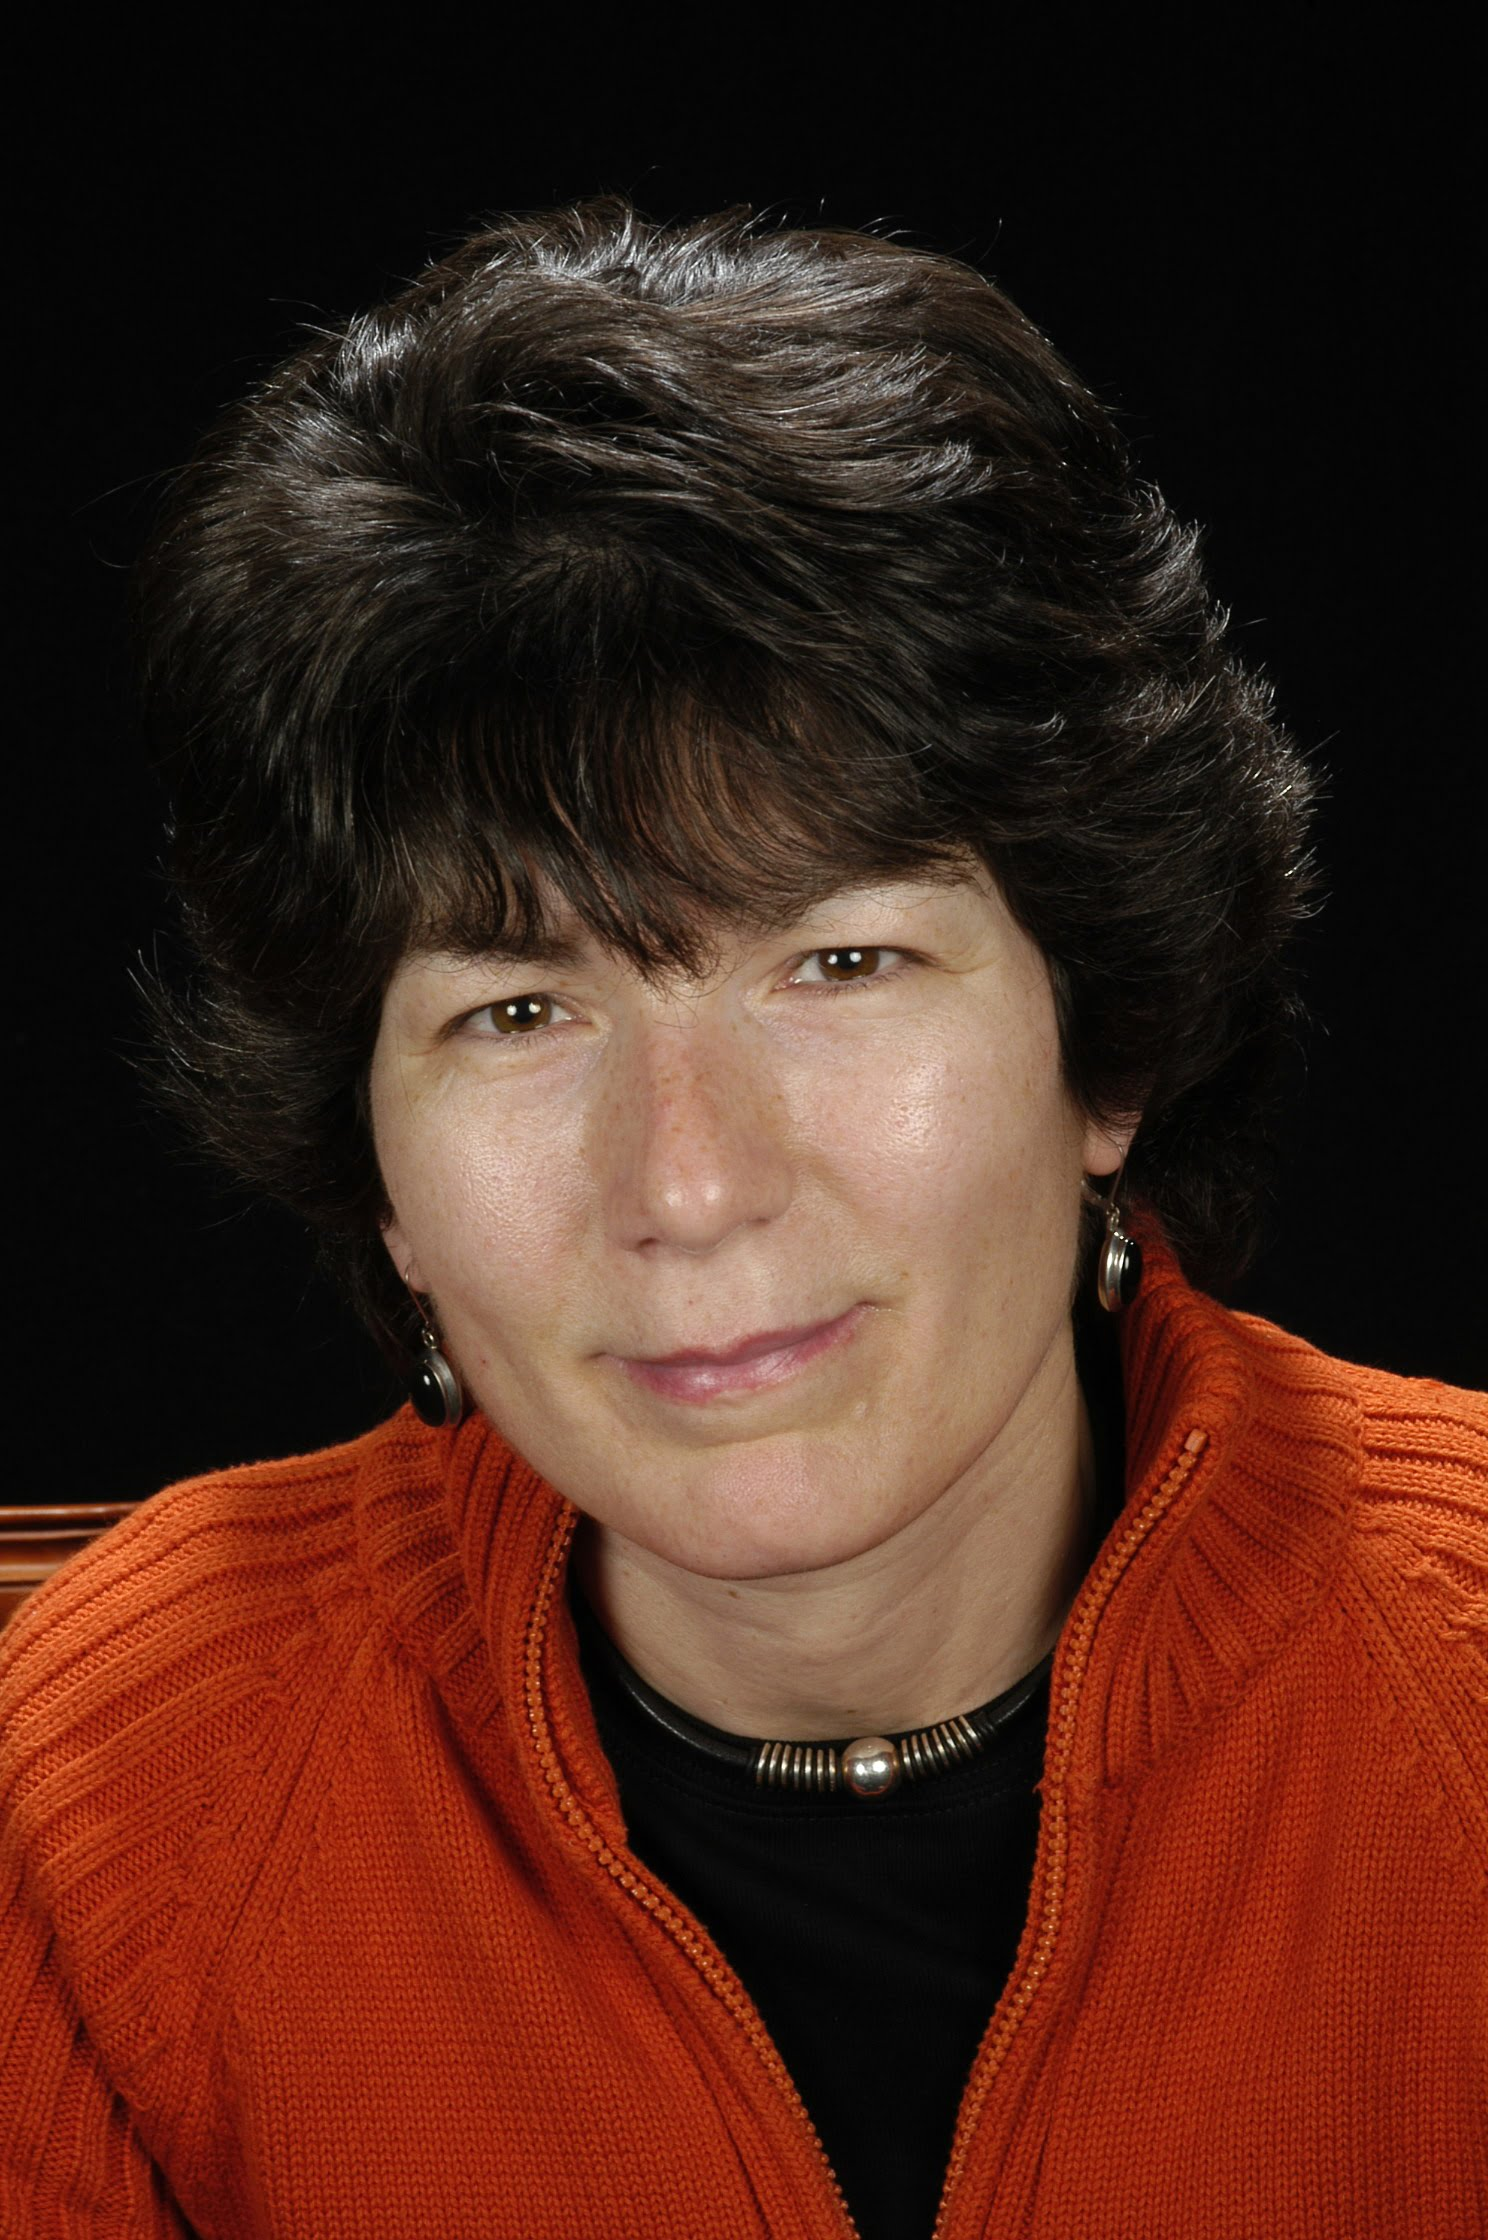 Dra. Esther Barreiro Portela